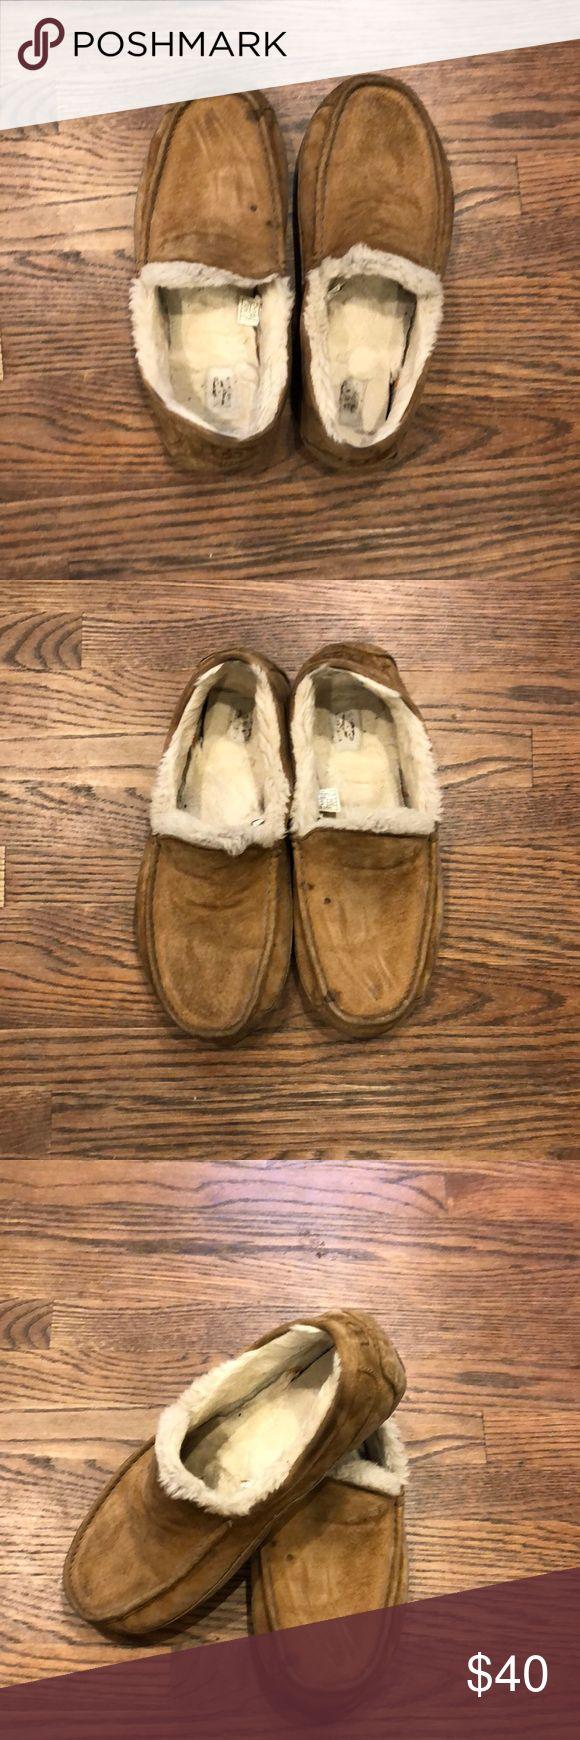 Ugg Ascot Slipper - Size 13 Ugg Men's  Ascot Slipper Chestnut Size 13 UGG Shoes